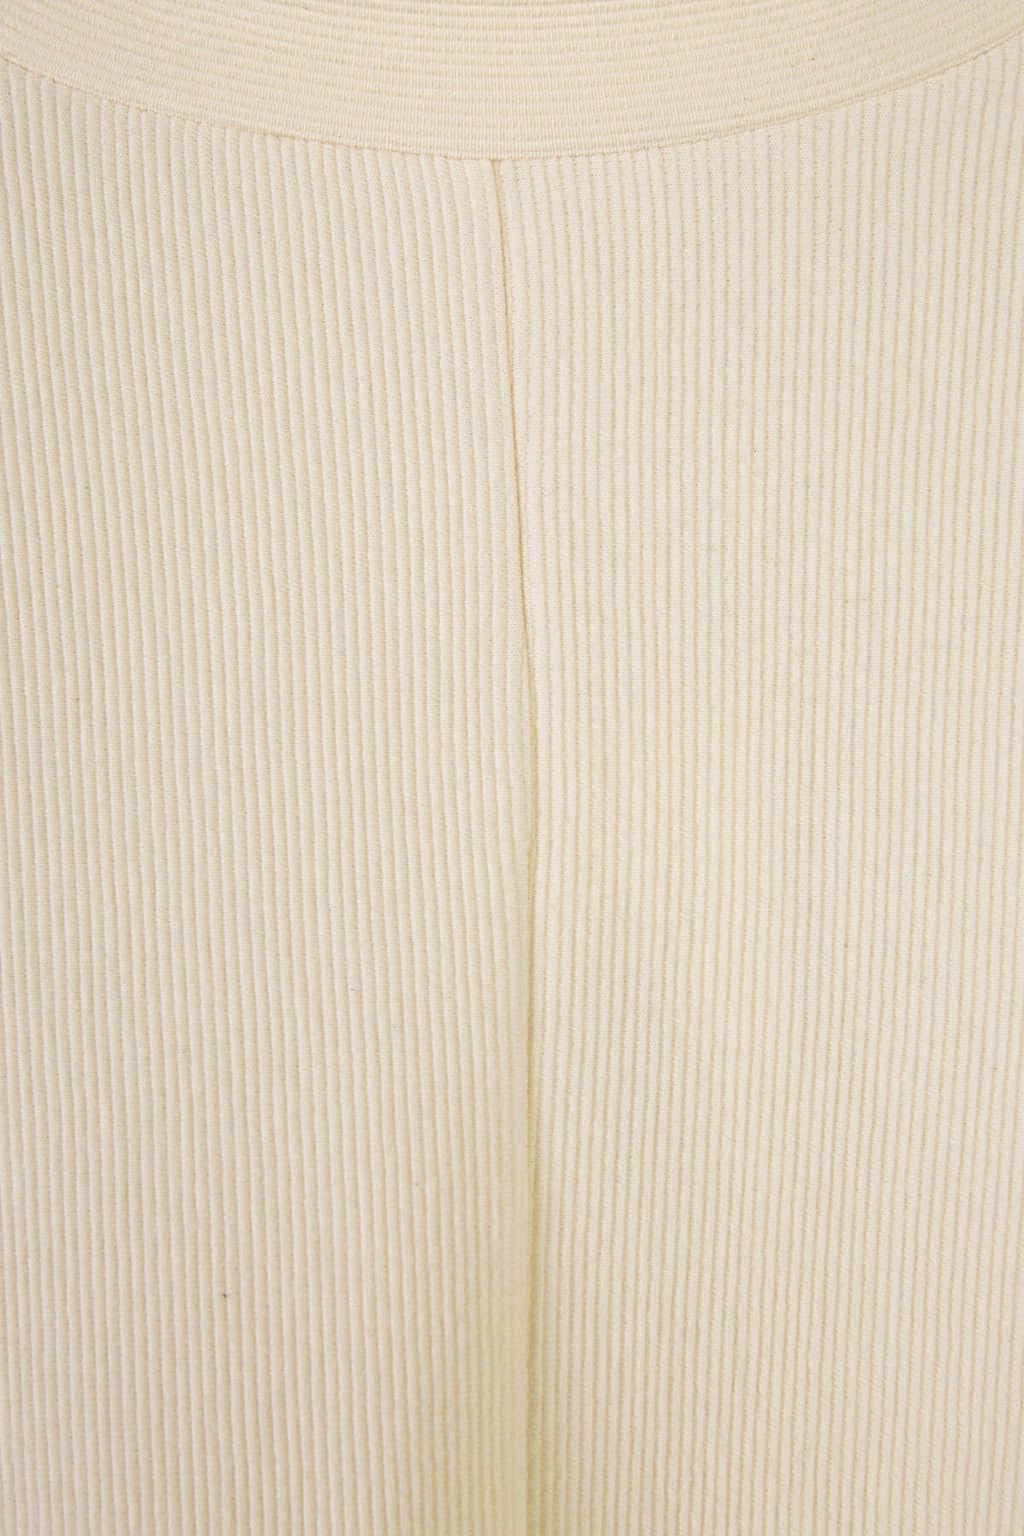 TShirt 3040 Cream 6